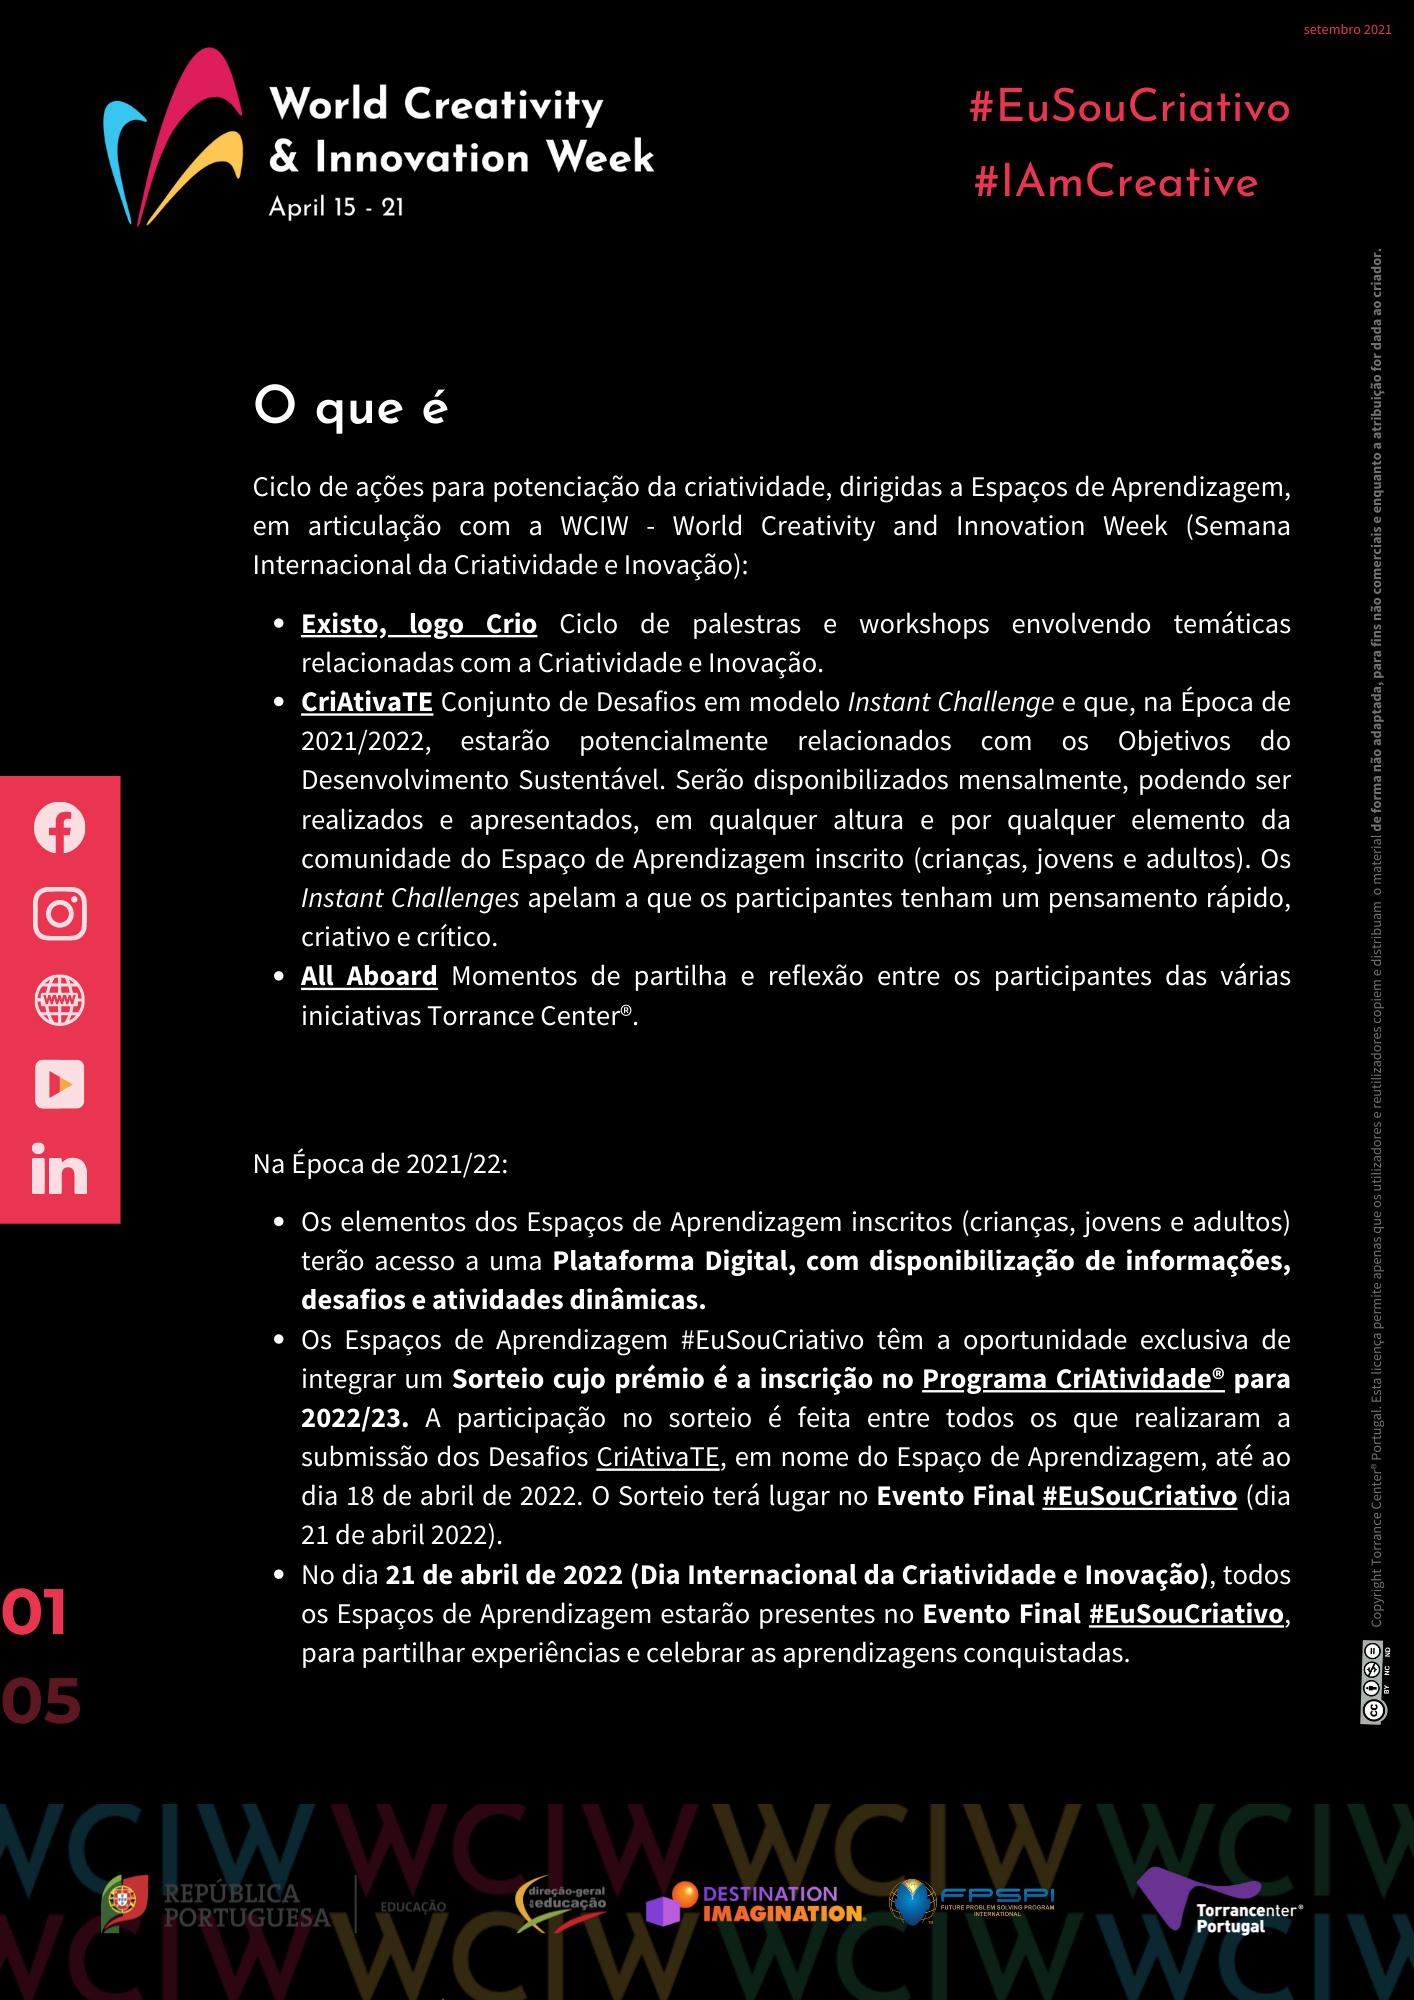 #EuSouCriativo